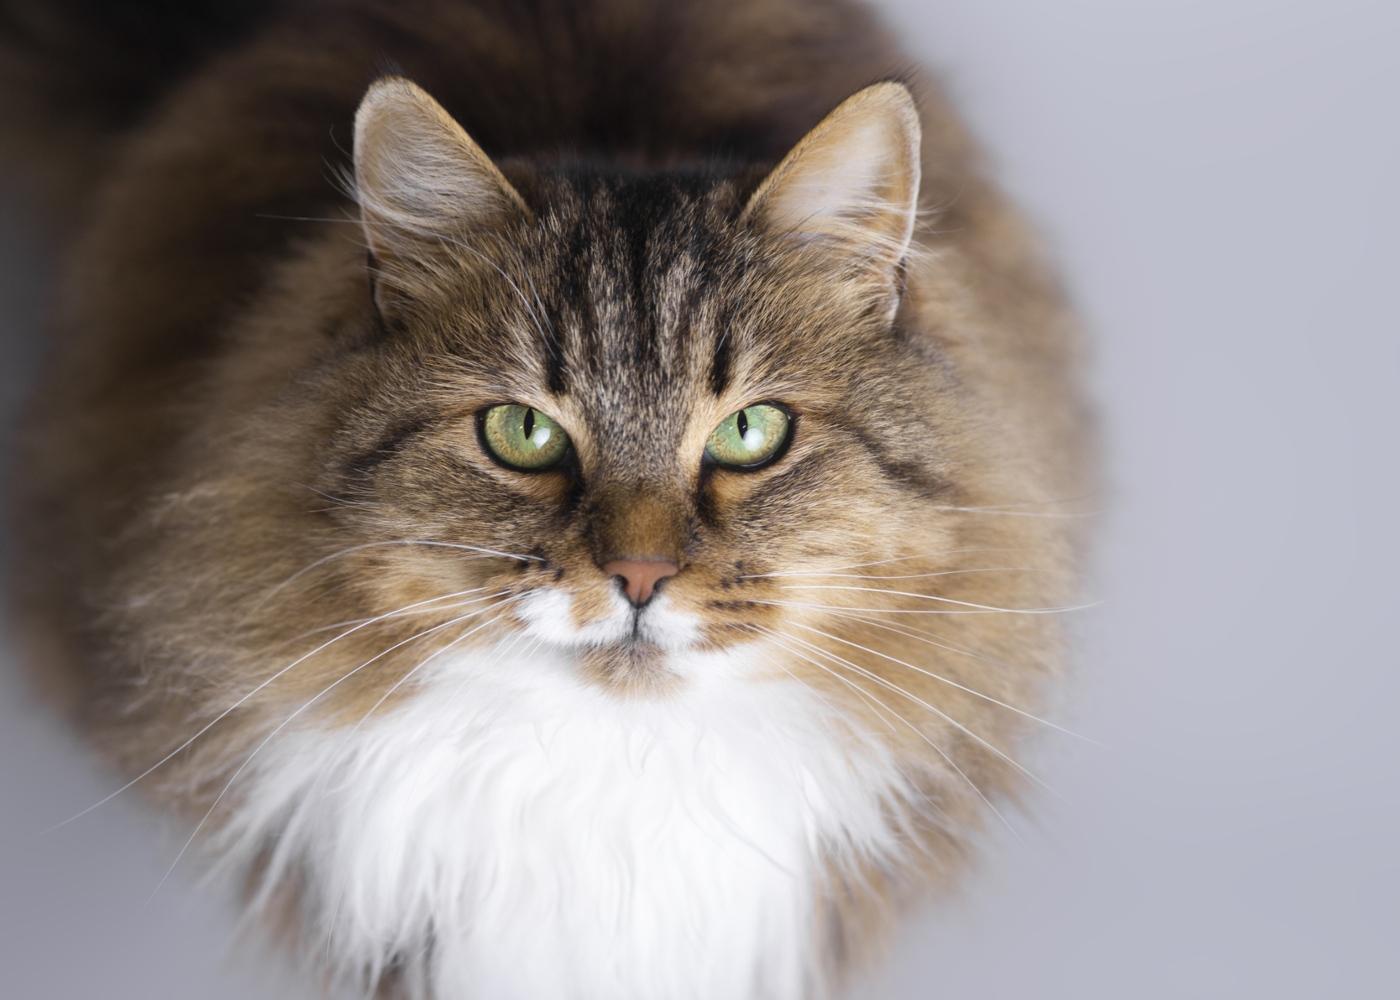 Raças de gatos hipoalergénicas: siberiano